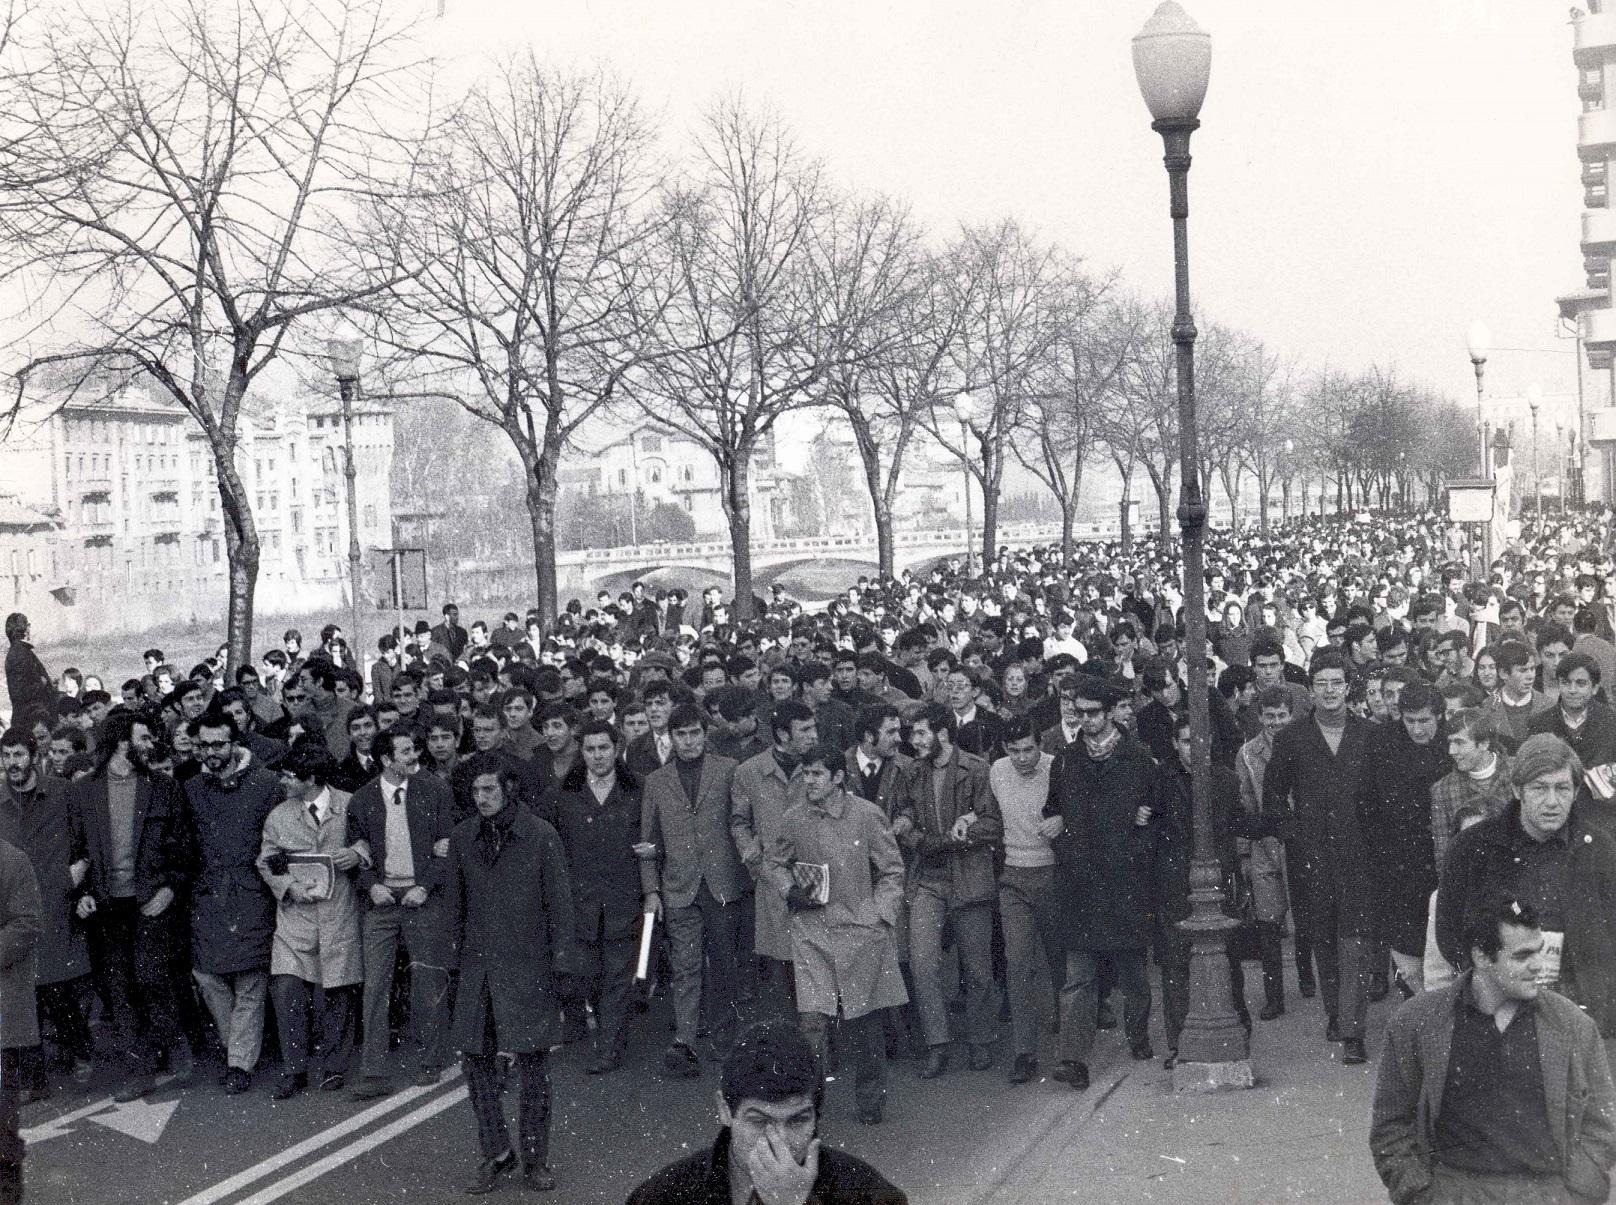 Novembre 1968 Manifestazione studenti a Parma